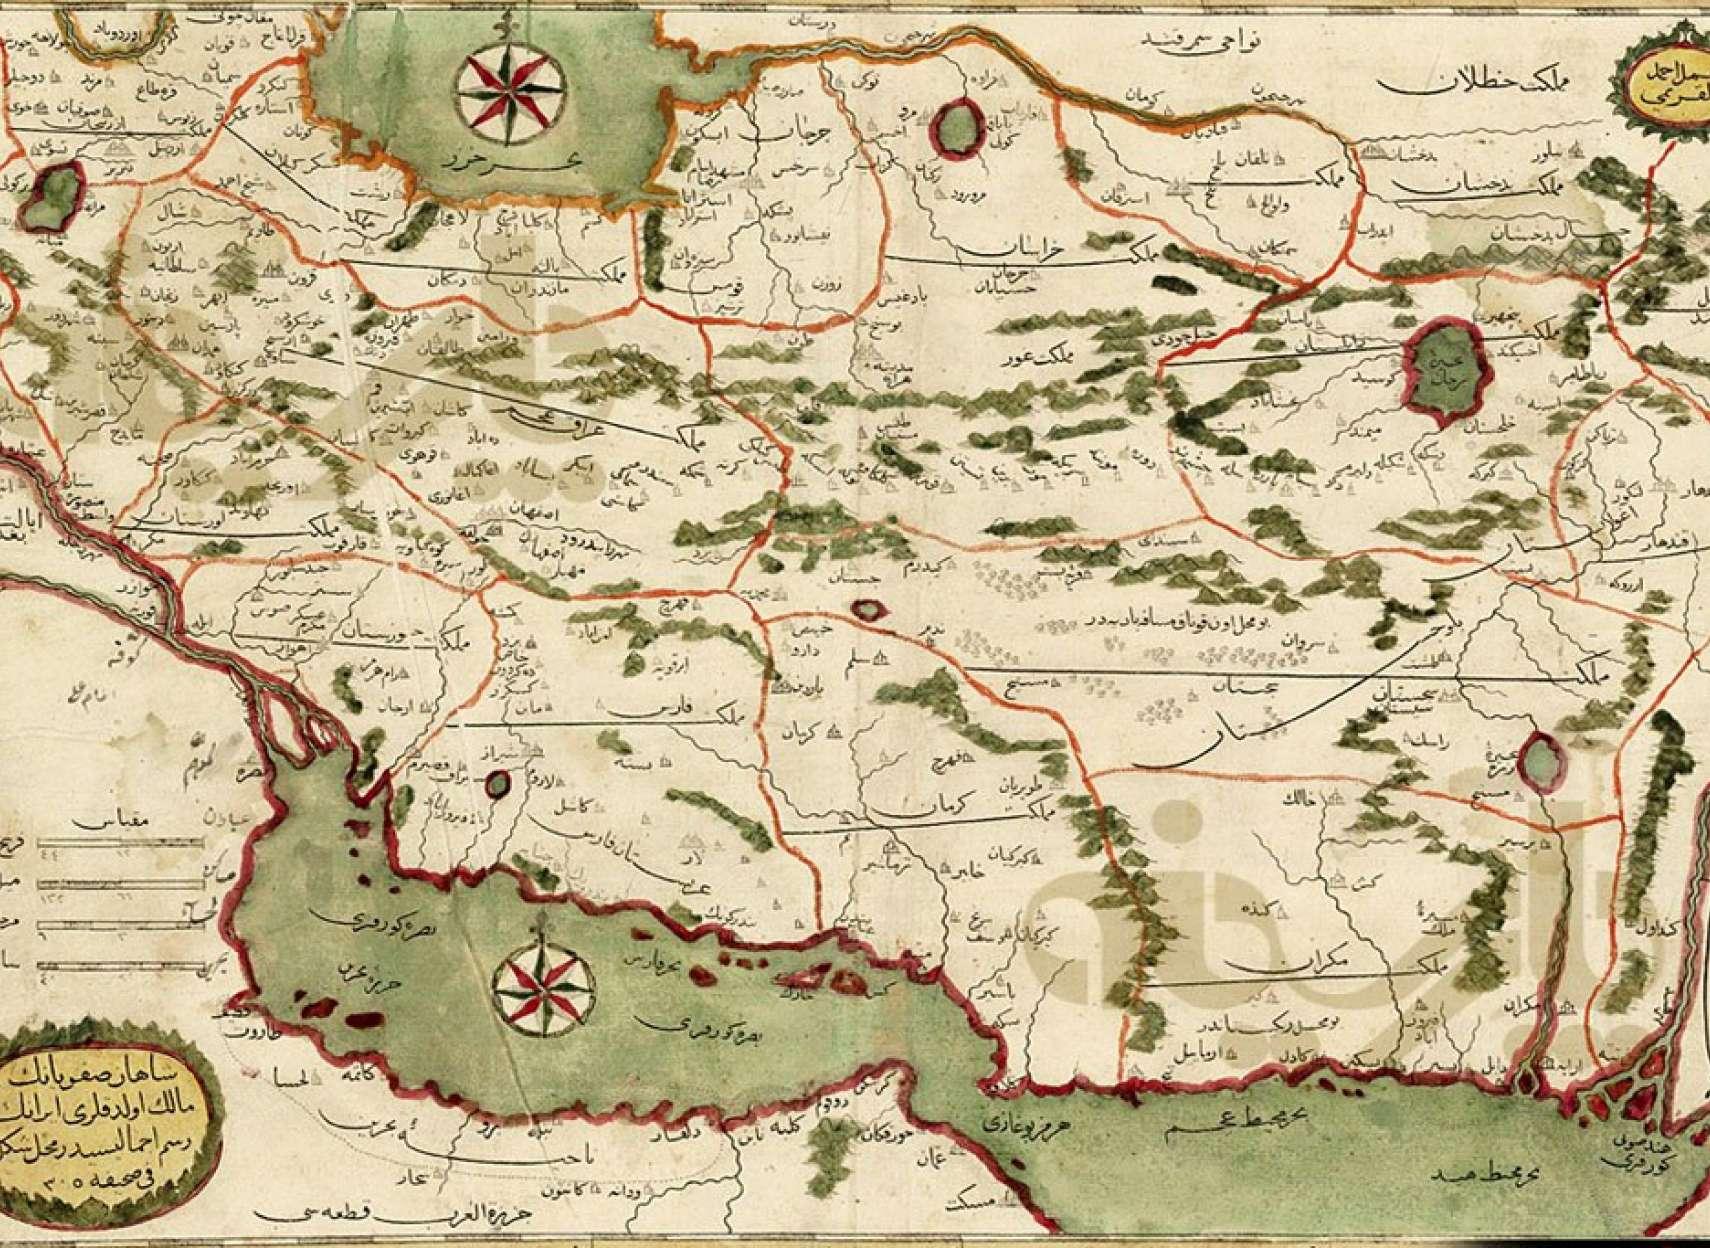 تابا-تادزه-کارلو-گریگوروویچ-اختری-تاریخ